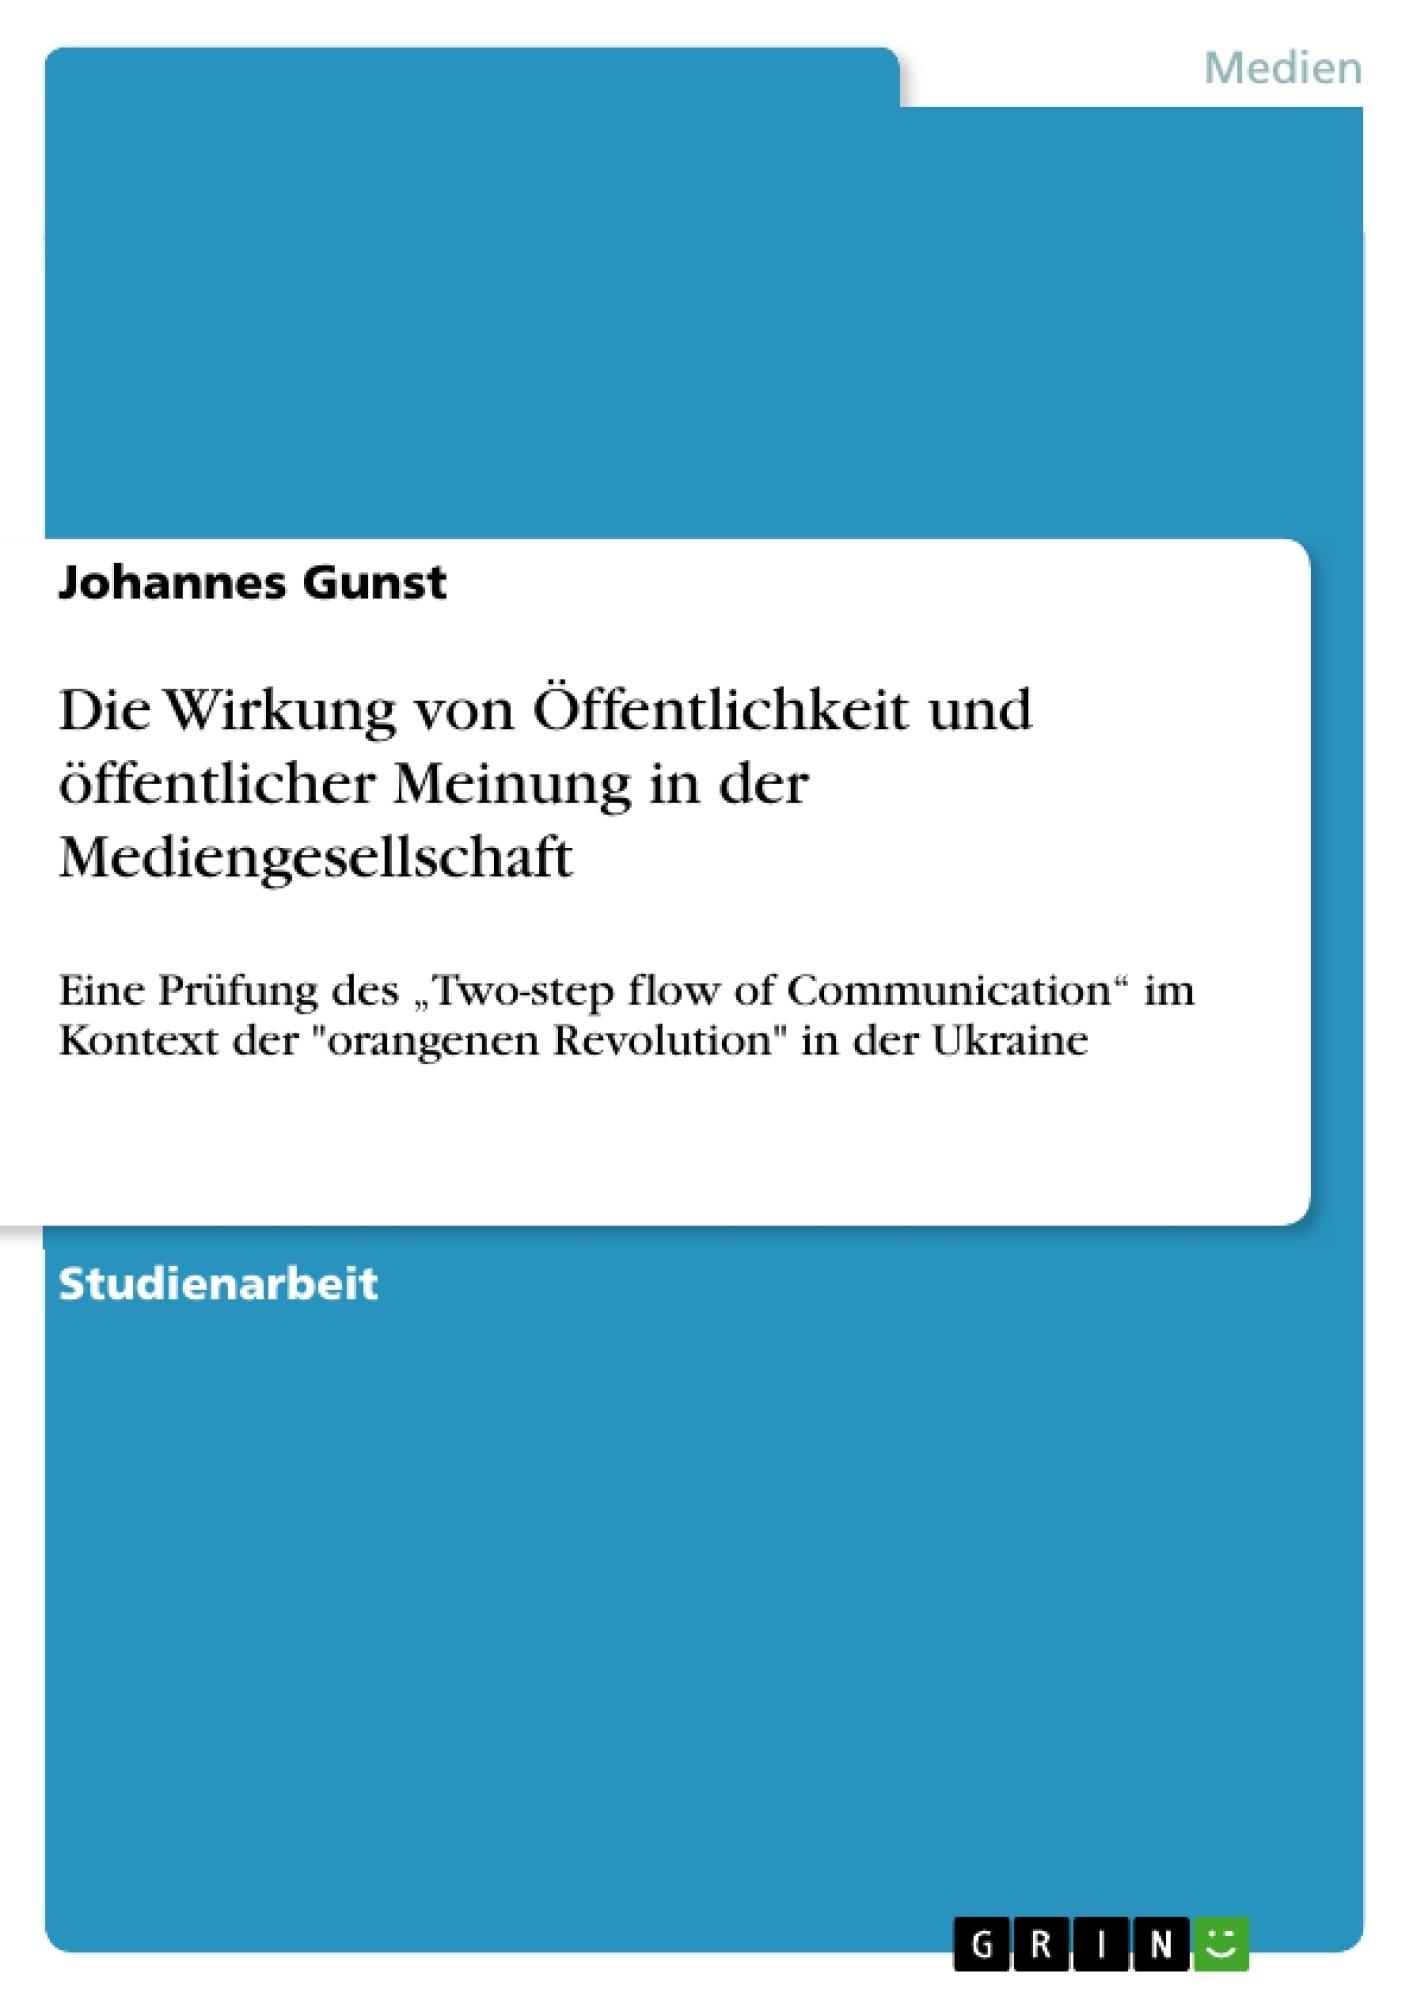 Titel: Die Wirkung von Öffentlichkeit und öffentlicher Meinung in der Mediengesellschaft